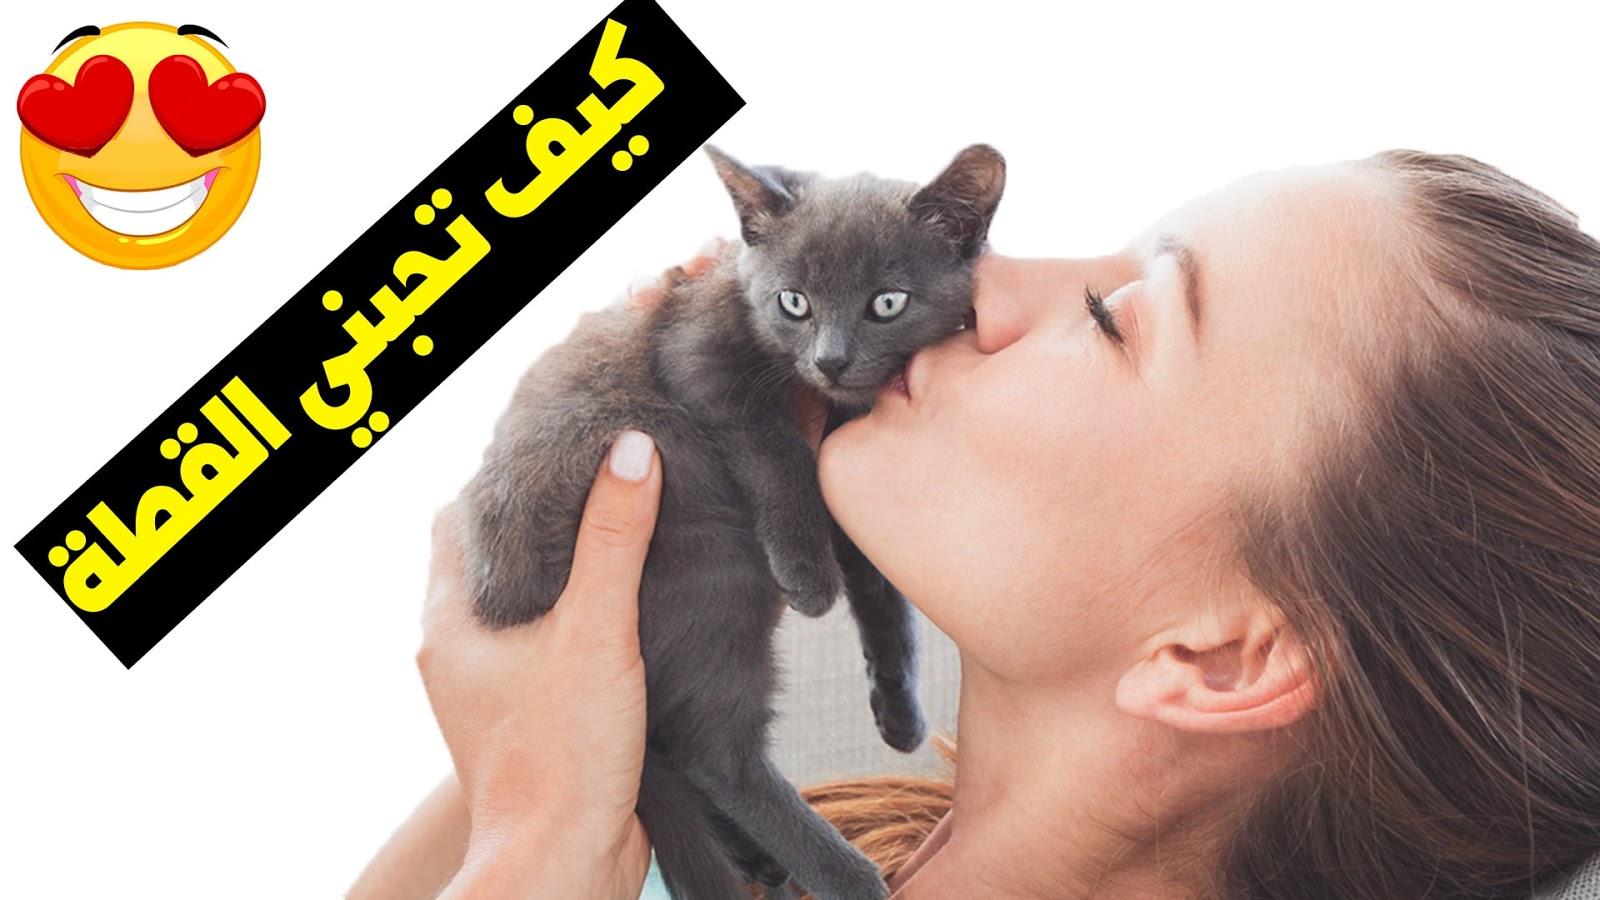 كيف تظهر الحب لقطتك ؟ 11 طريقة تفهمها القطط 😍